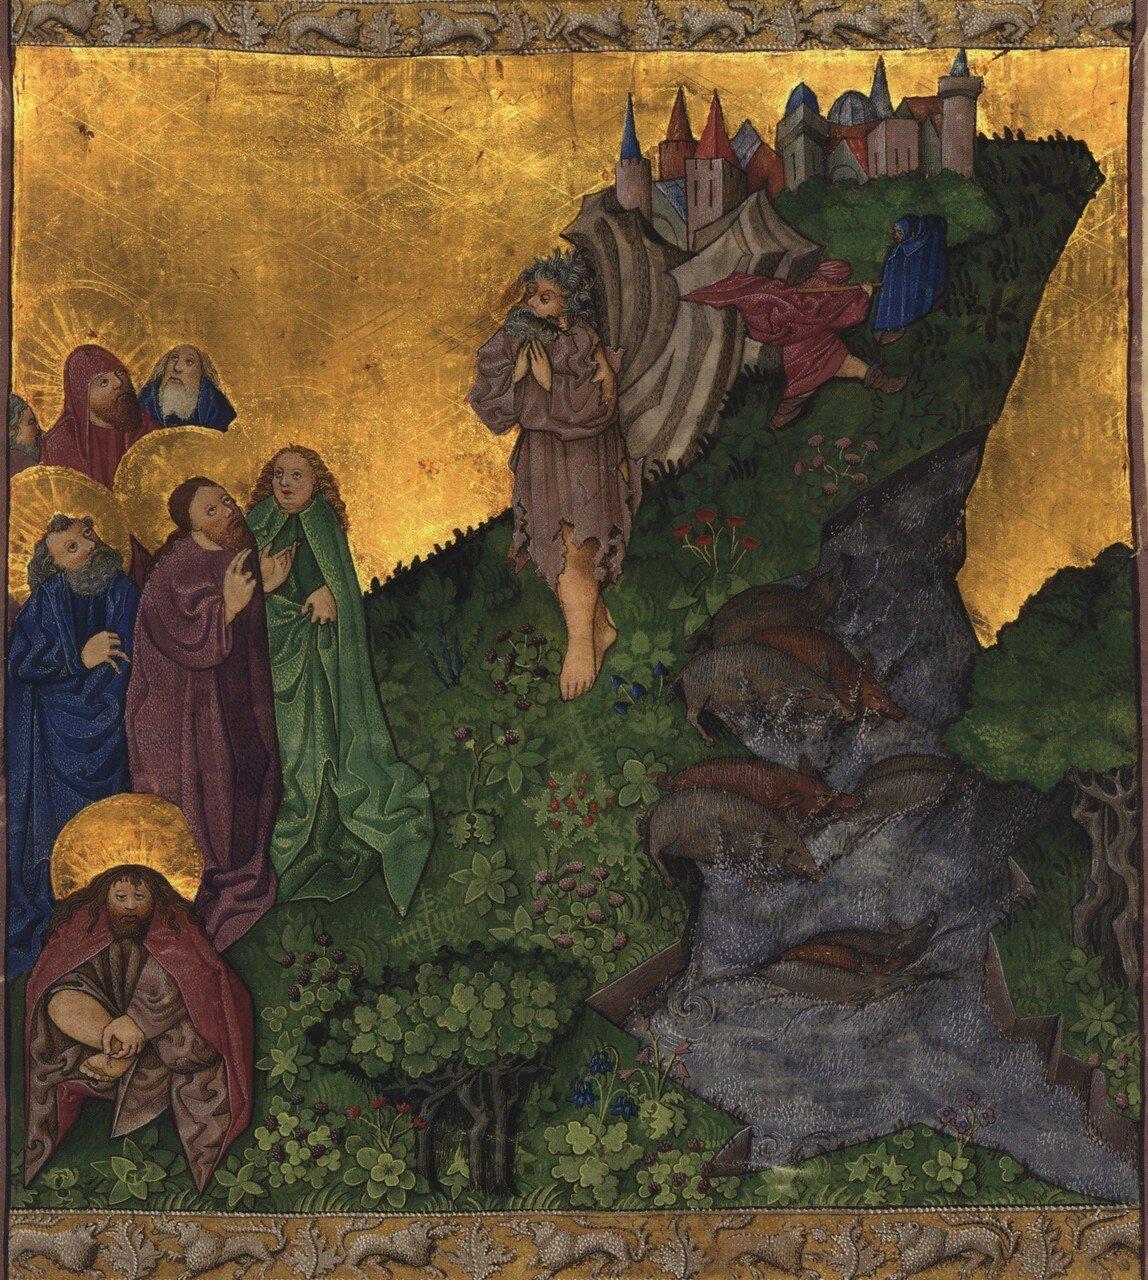 Ottheinrich_Folio051r_Mc5A.jpg